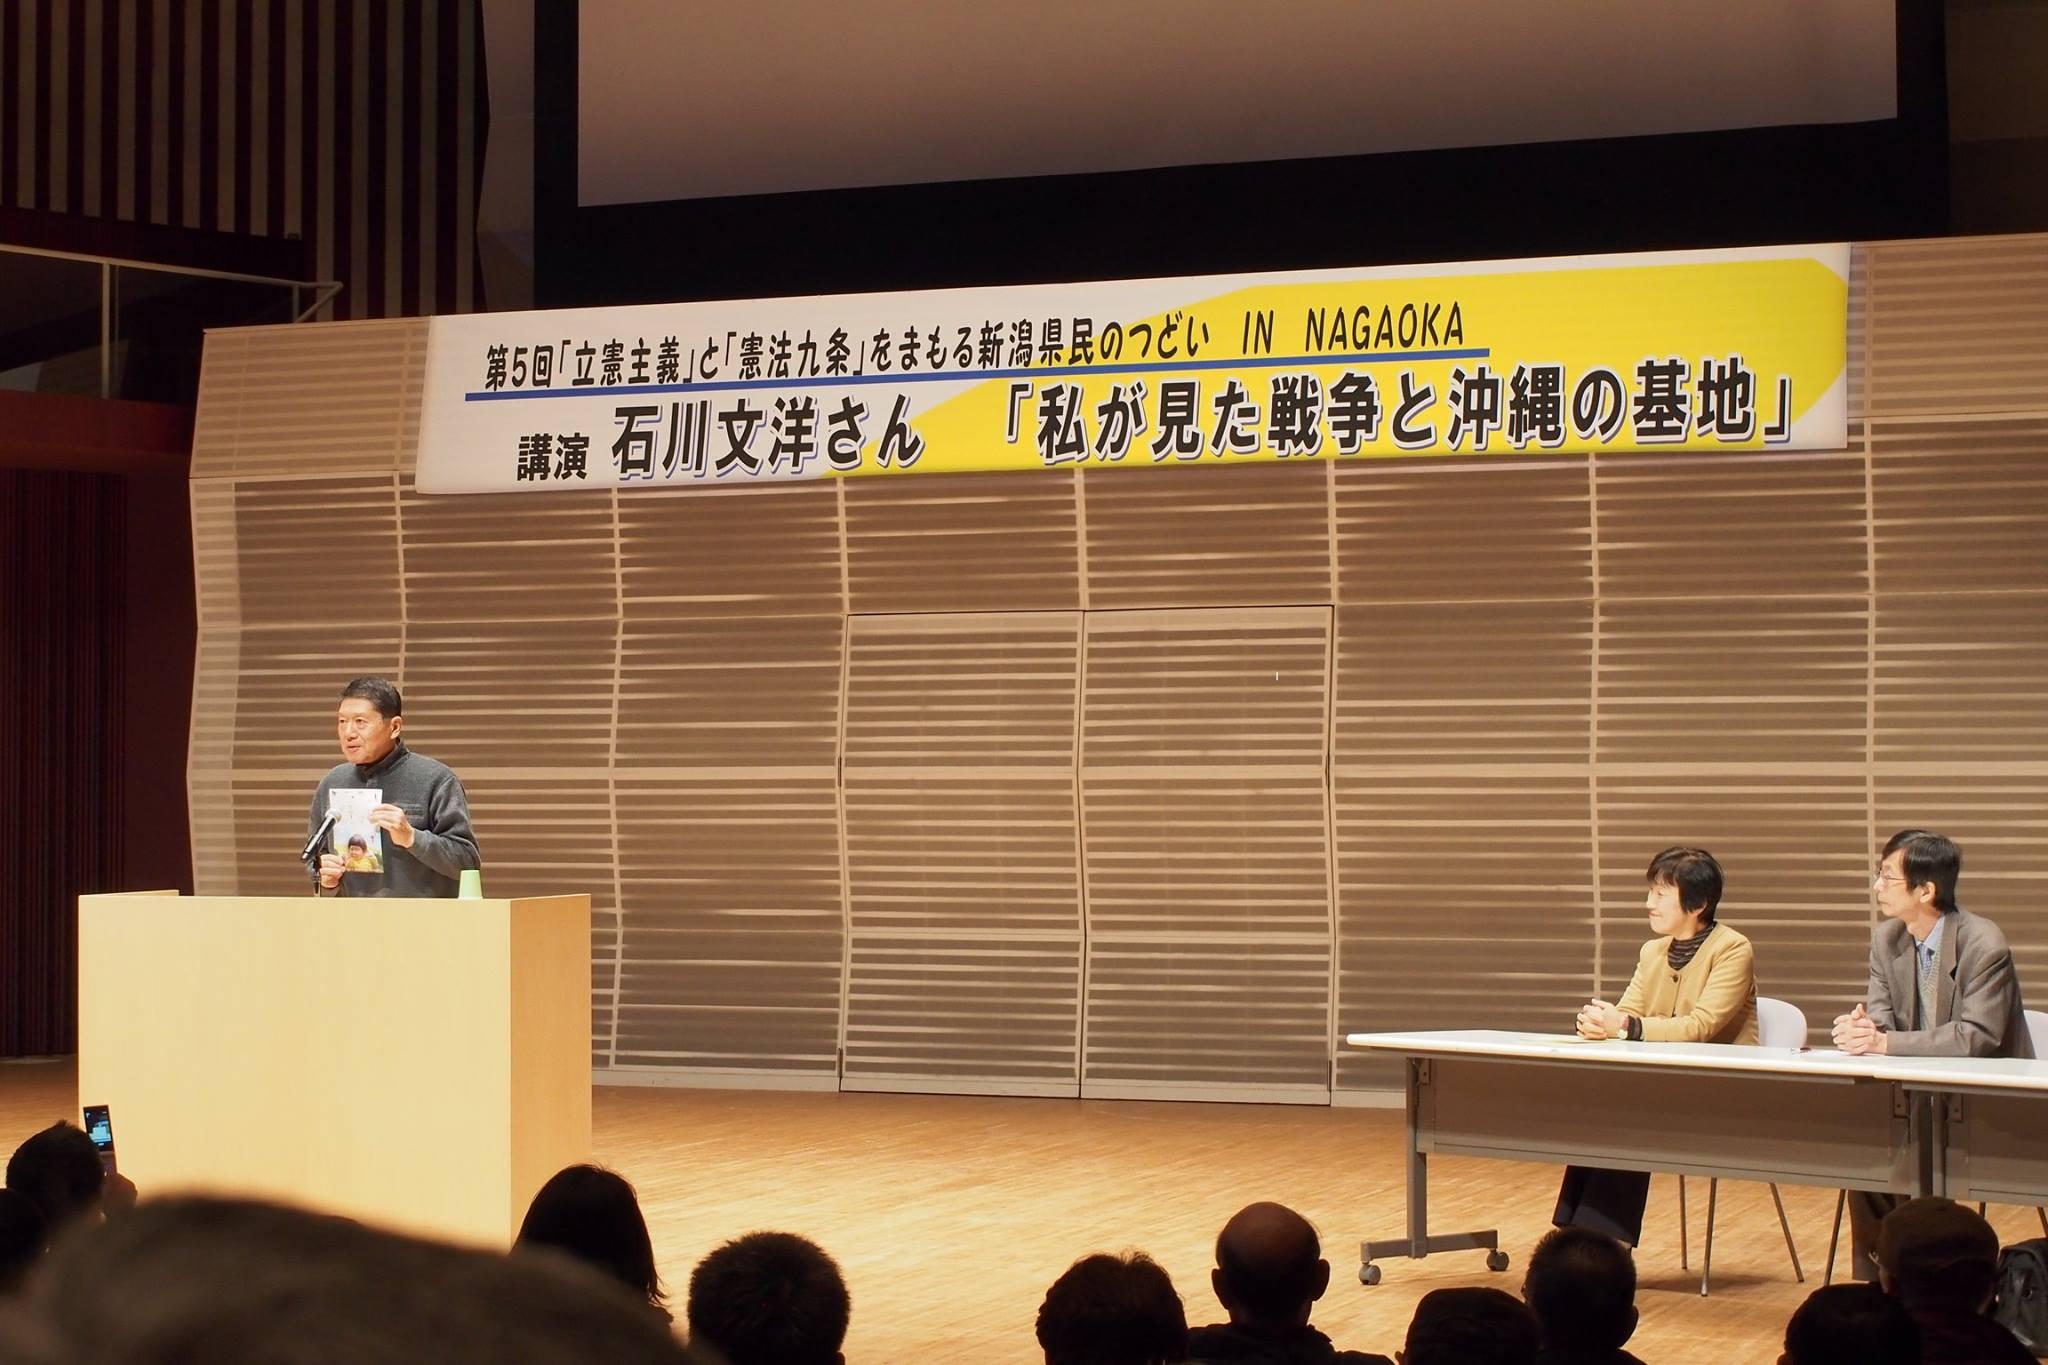 【立憲主義と憲法9条をまもる新潟県民の集いin nagaoka】-1